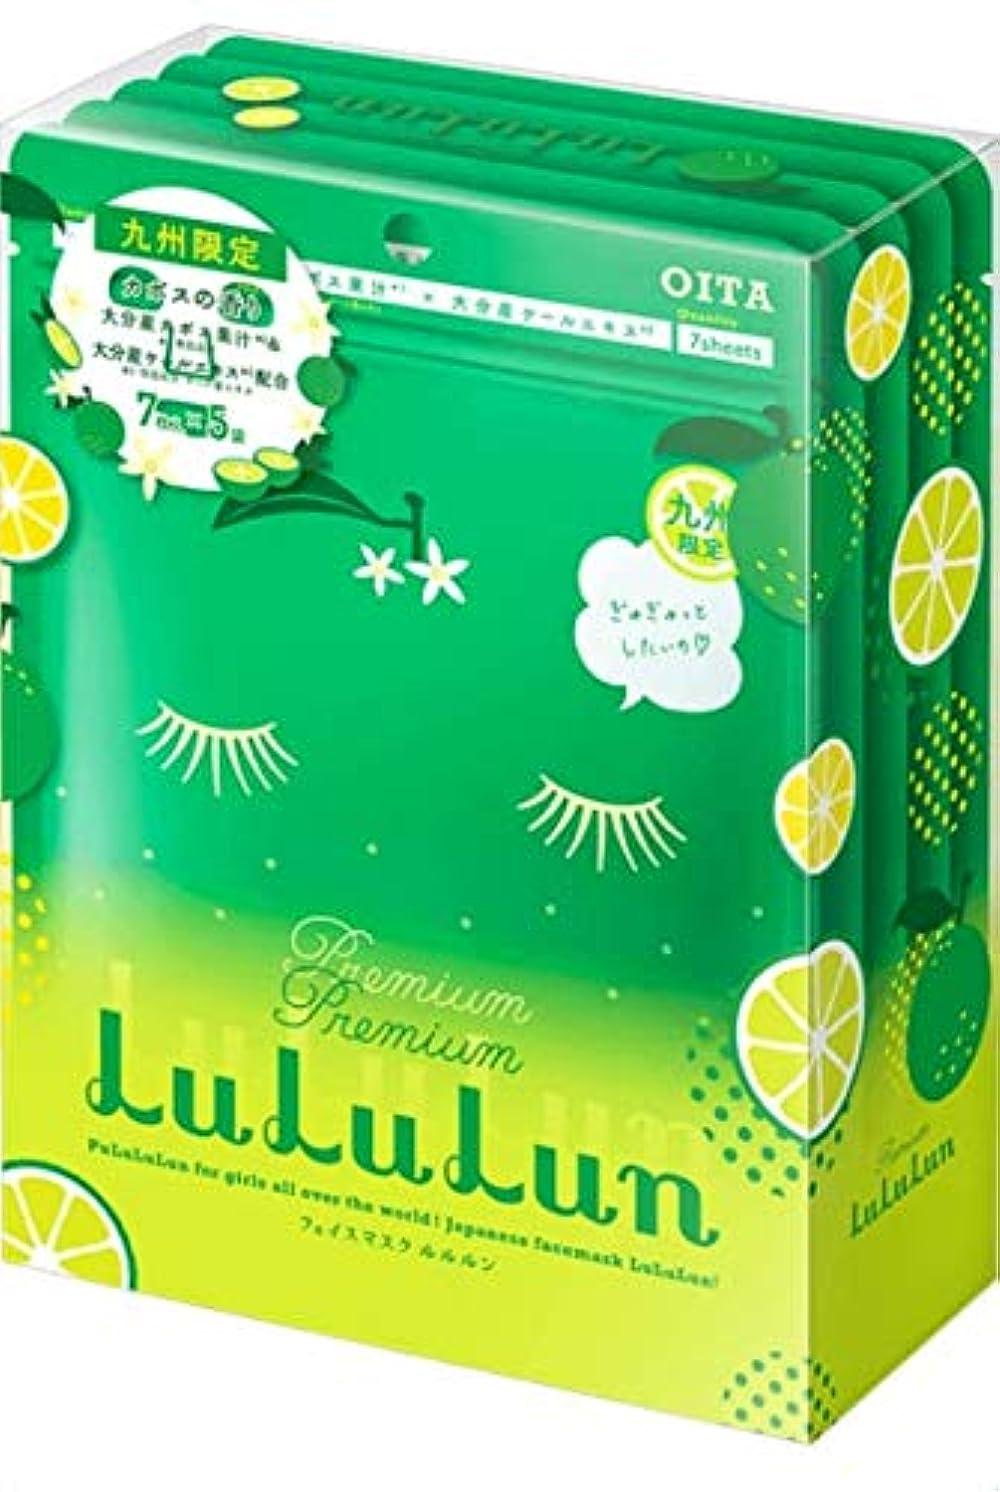 八百屋さん自信があるに対処する九州プレミアム LuLuLun (ルルルン) フェイスマスク カボスの香り 7枚×5袋